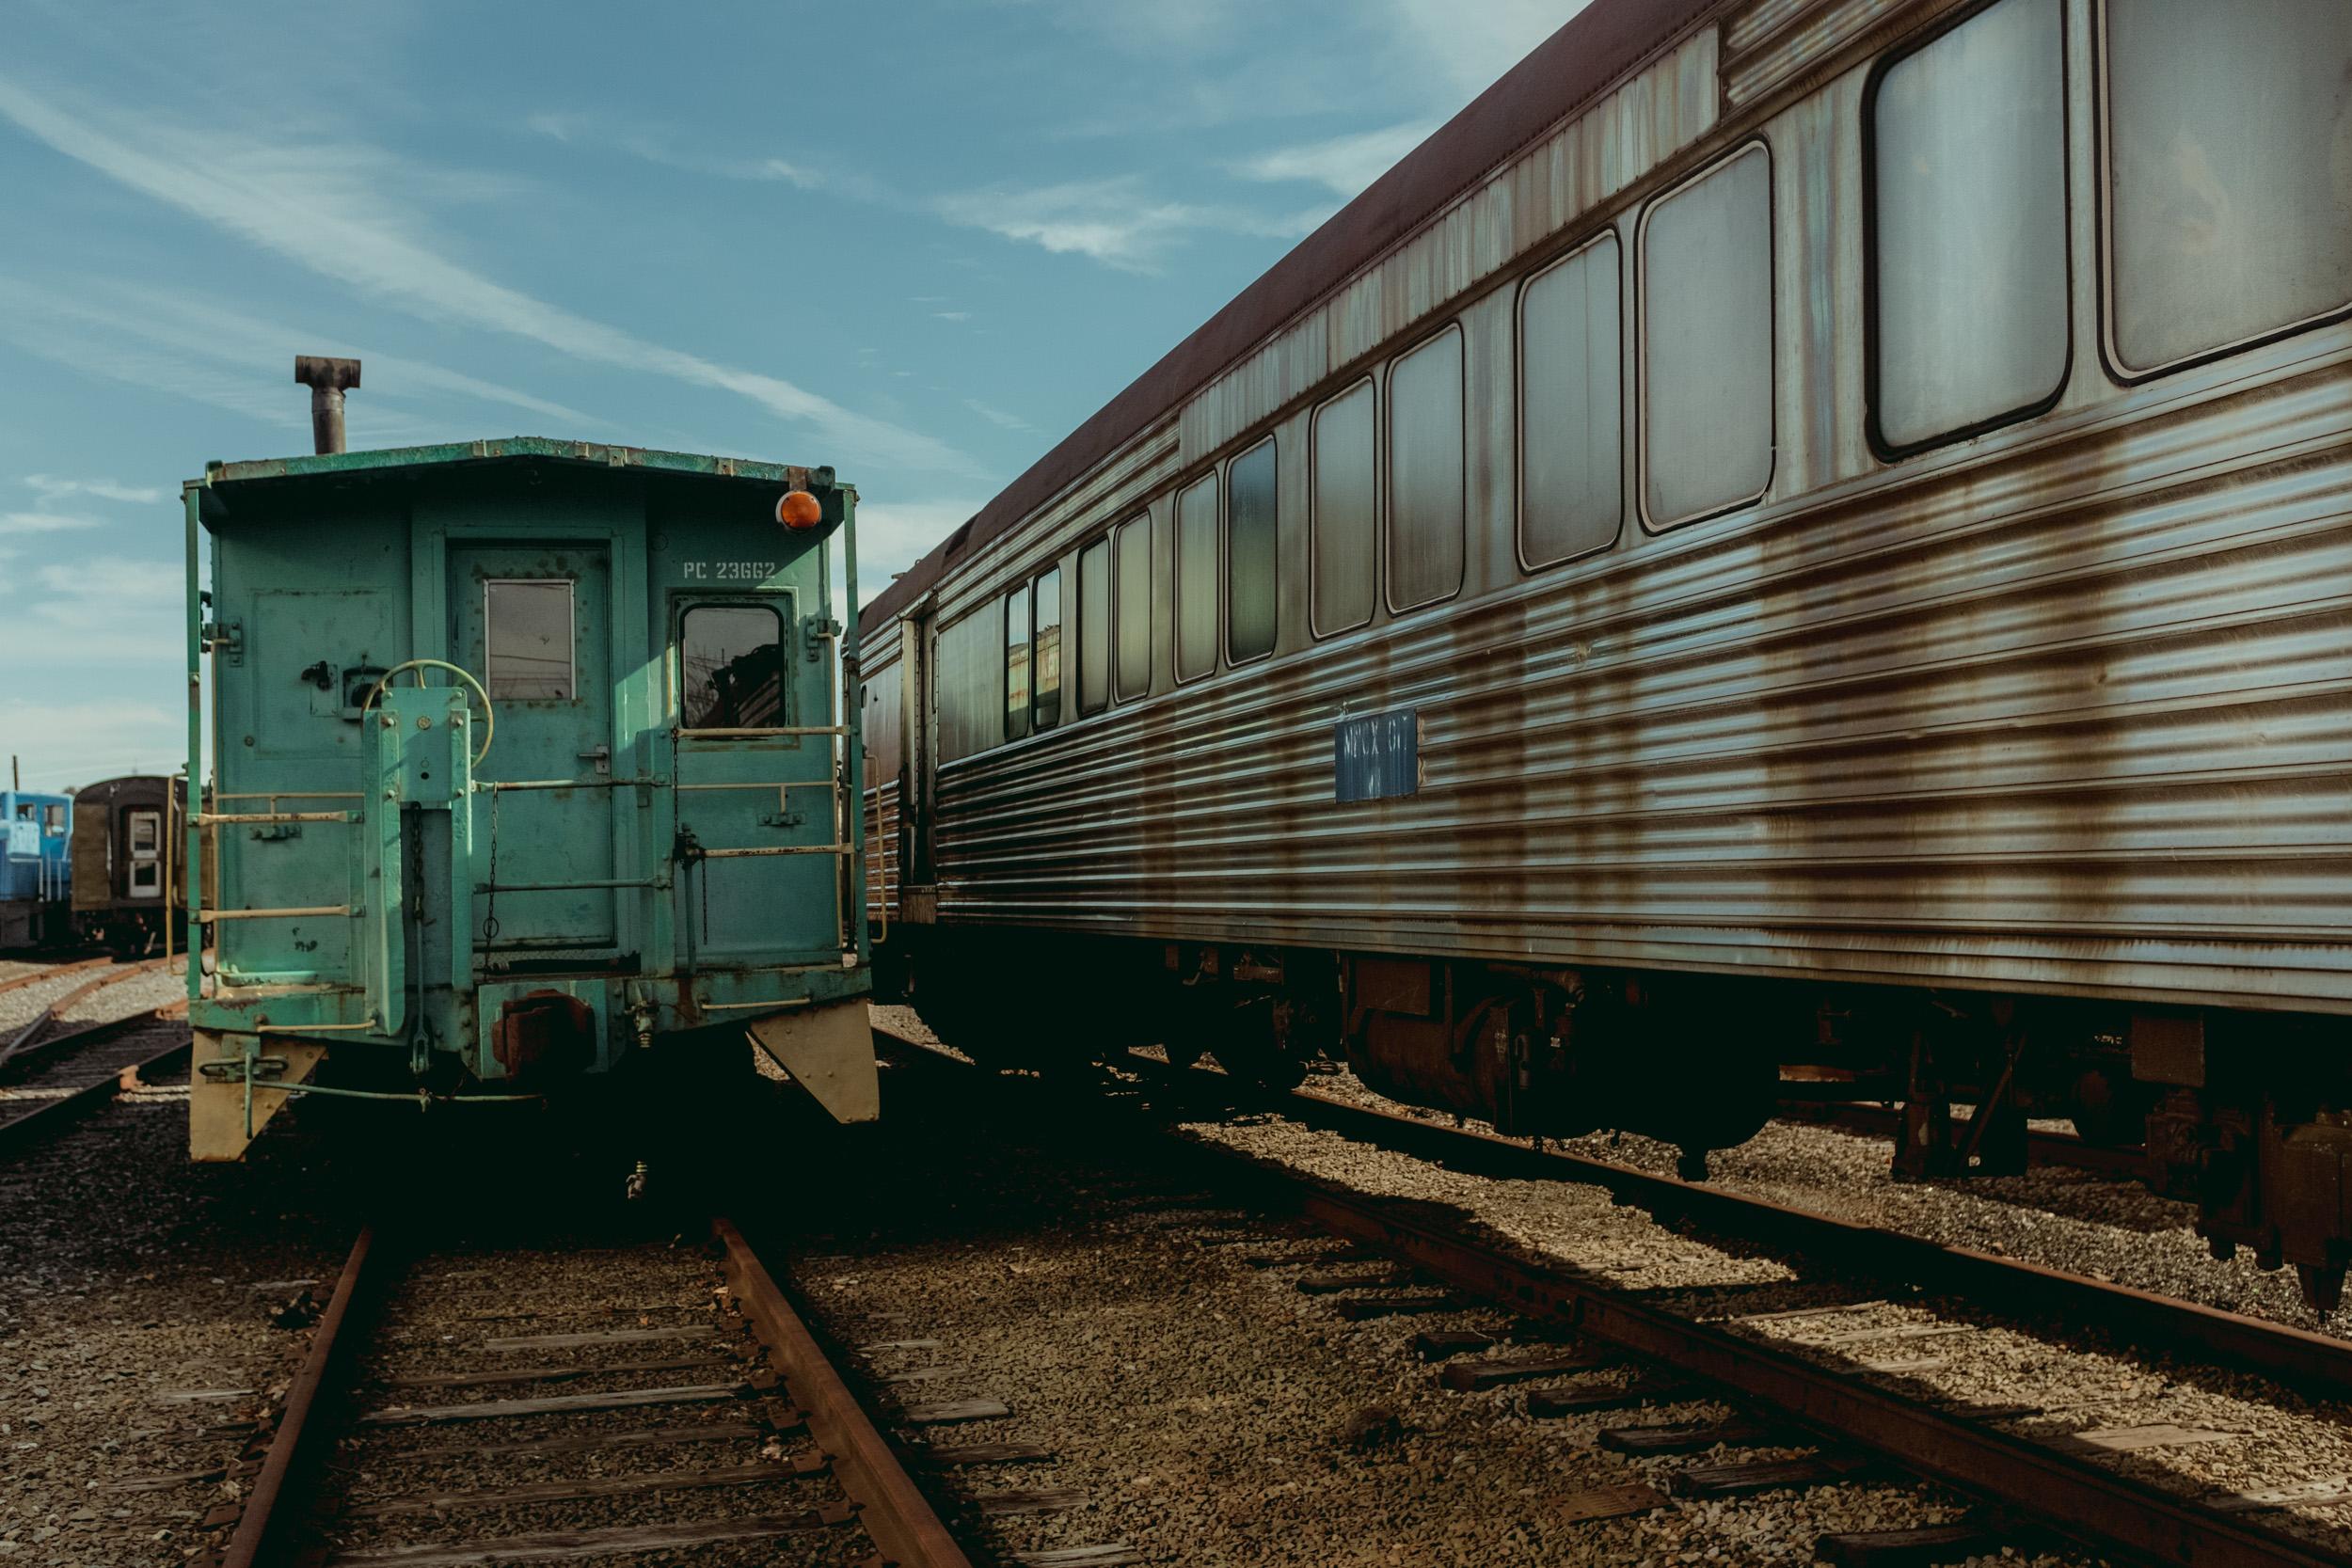 021718-photo-walk-danbury-railway-museum30.jpg